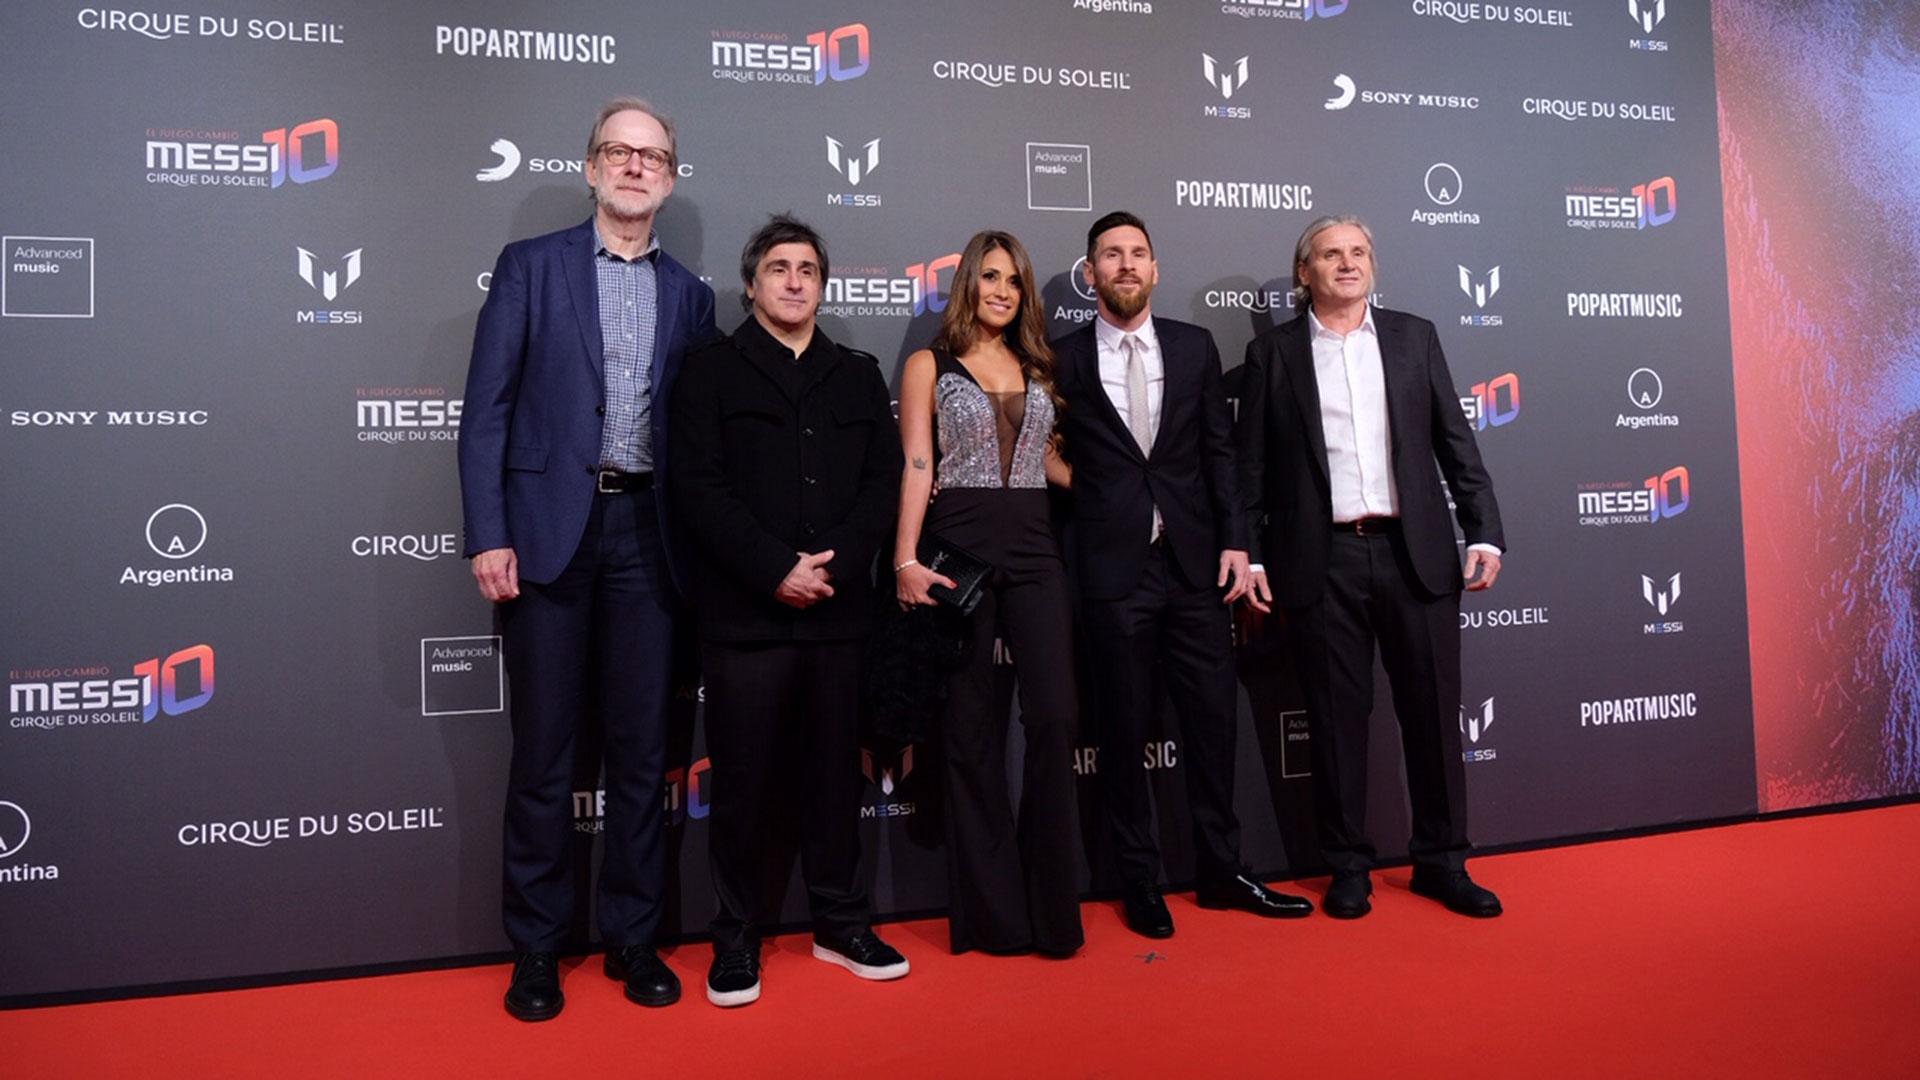 Charles Joron, productor ejecutivo del Cirque du Soleil y el Chairman & CEO de Sony Music Latin Iberia, Afo Verde, junto Messi y Roccuzzo